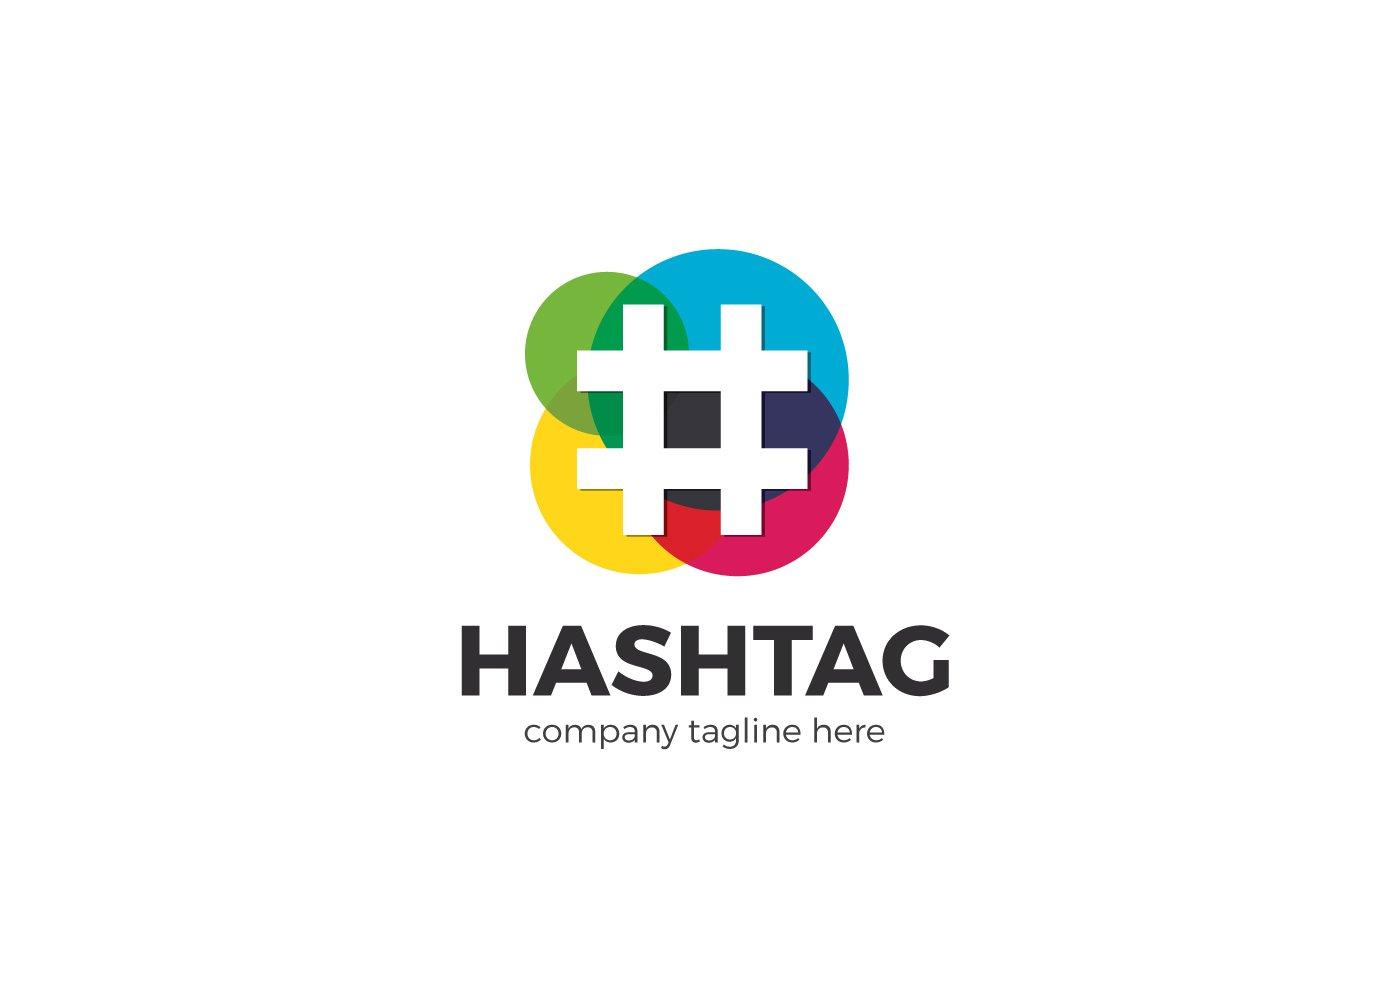 Các cách sử dụng hashtag cho doanh nghiệp.